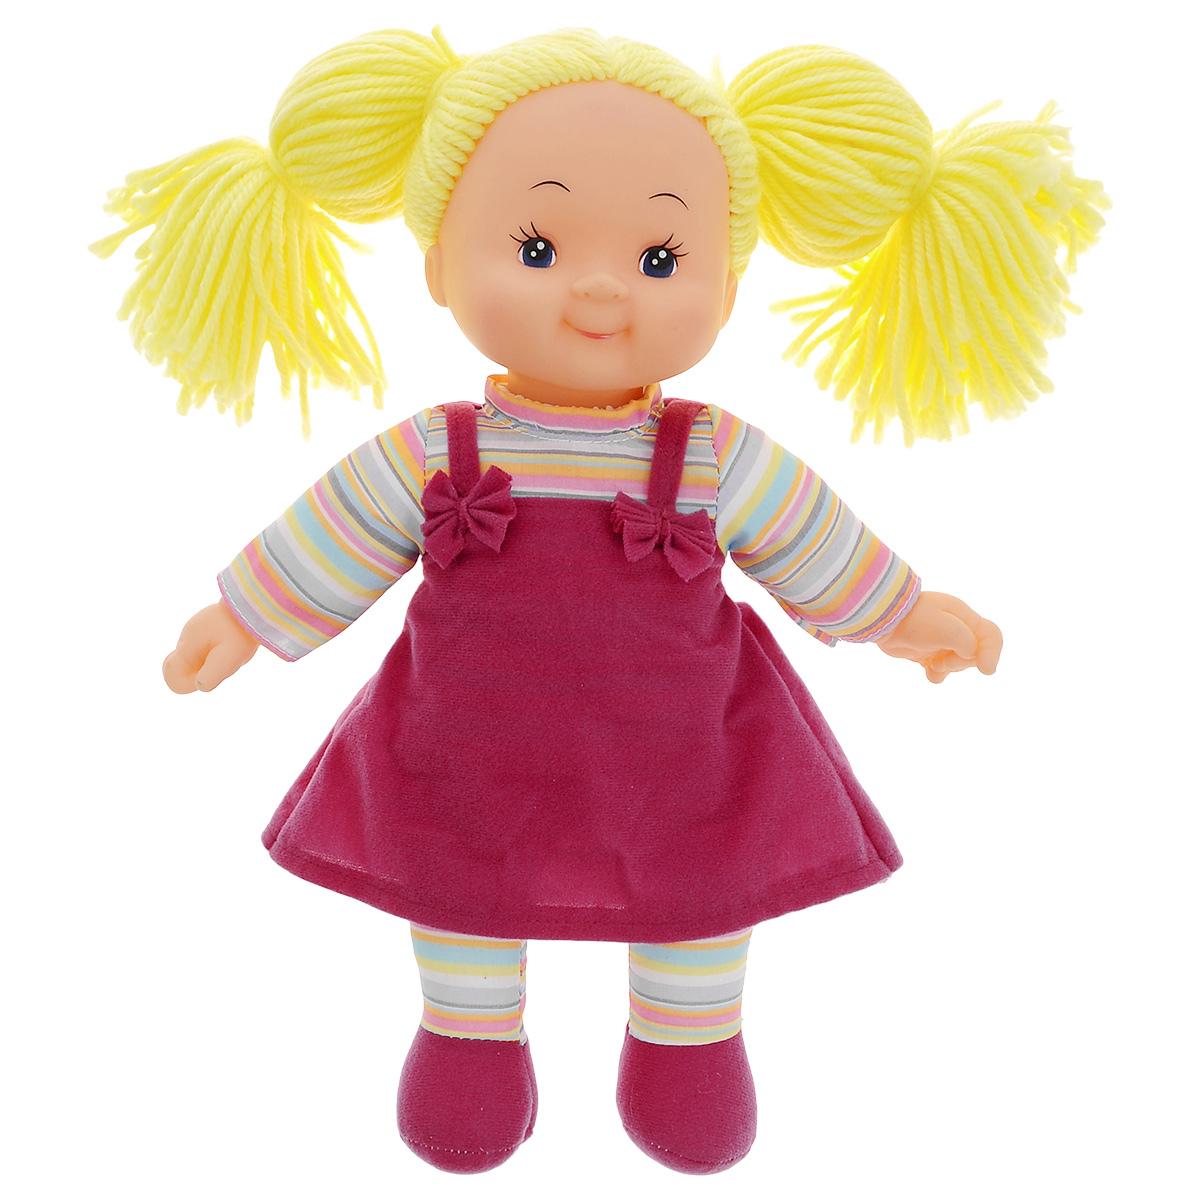 Simba Кукла мягкая цвет платья сиреневый5112238_волосы желтые, платье сиреневоеМягкая кукла Simba непременно понравится малышке, она быстро привлечет внимание своей яркой расцветкой, добрым взглядом и красивым праздничным нарядом. Малышка с удовольствием придумает много детских игр, которые от души порадуют девочку и подарят хорошее настроение на целый день. Красивая и мягкая на ощупь кукла обязательно заинтересует малышку и увлечет ее в мир удивительных игр. Кукла одета в праздничное платье сиреневого цвета. Очаровательные волосы желтого цвета, сплетенные из нитей, дополняют прекрасный образ куклы. Мягкая кукла Simba развивают тактильную чувствительность, стимулируют зрительное восприятие, хватательные рефлексы и моторику рук.